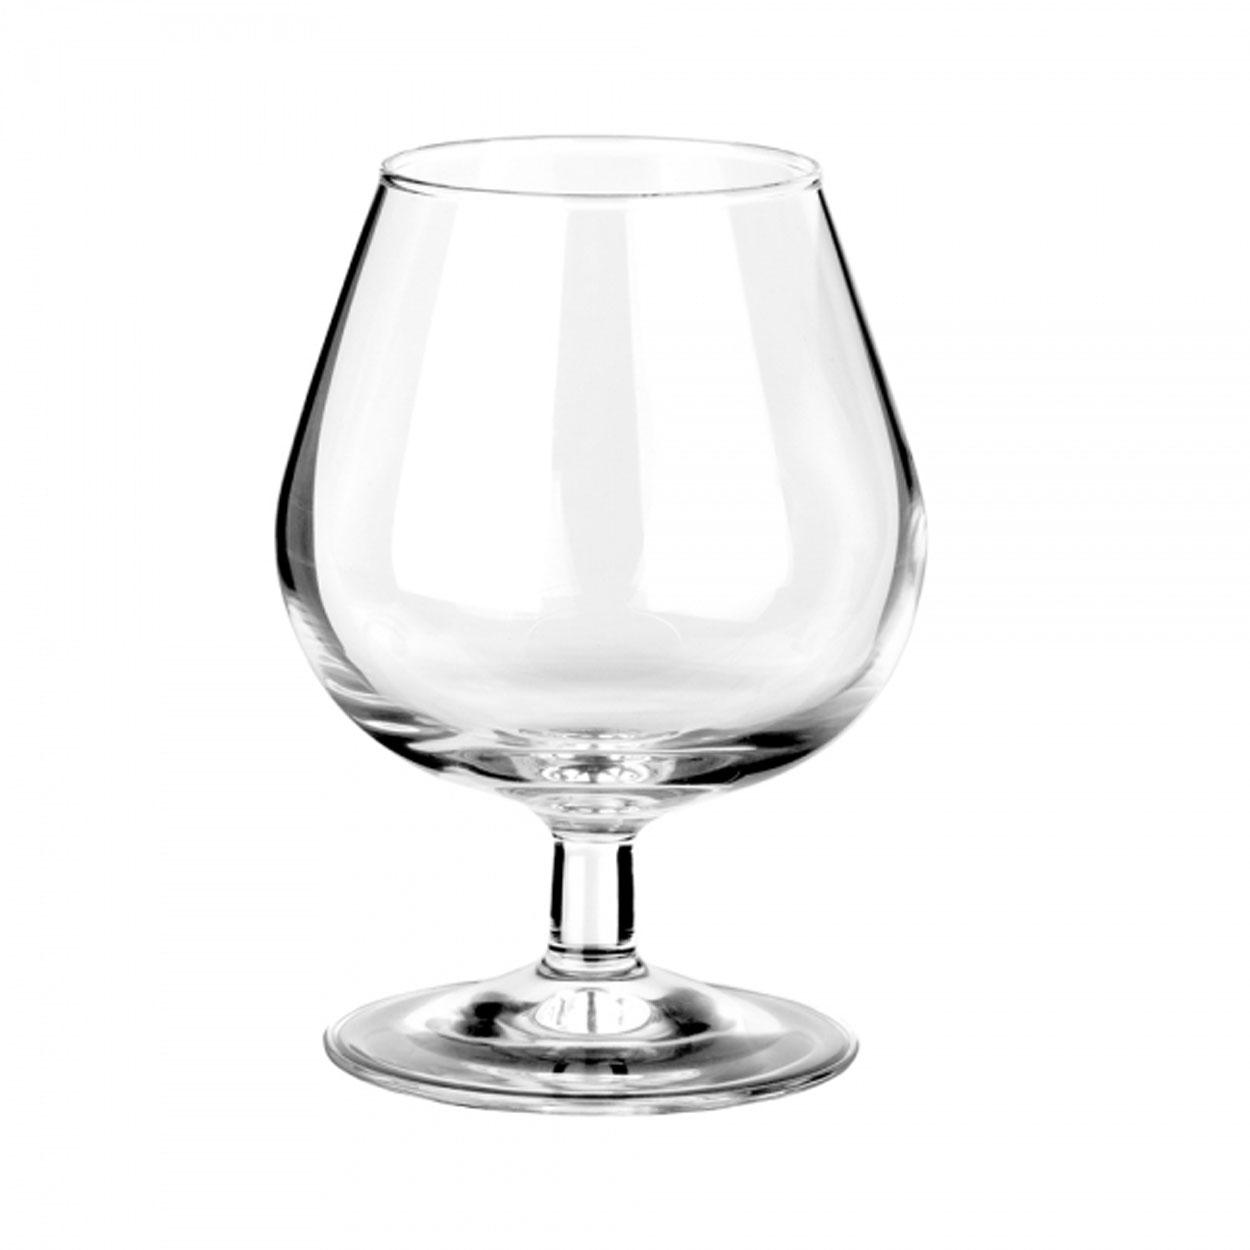 """Набор Luminarc """"Французский ресторанчик"""" состоит из 6 бокалов,  выполненных из высококачественного ударопрочного стекла. Изделия оснащены невысокими ножками и  предназначенные для подачи  конька. Они излучают приятный блеск и издают  мелодичный звон.  Набор бокалов прекрасно  оформит праздничный стол и создаст приятную  атмосферу за романтическим ужином.  Можно мыть в посудомоечной машине."""